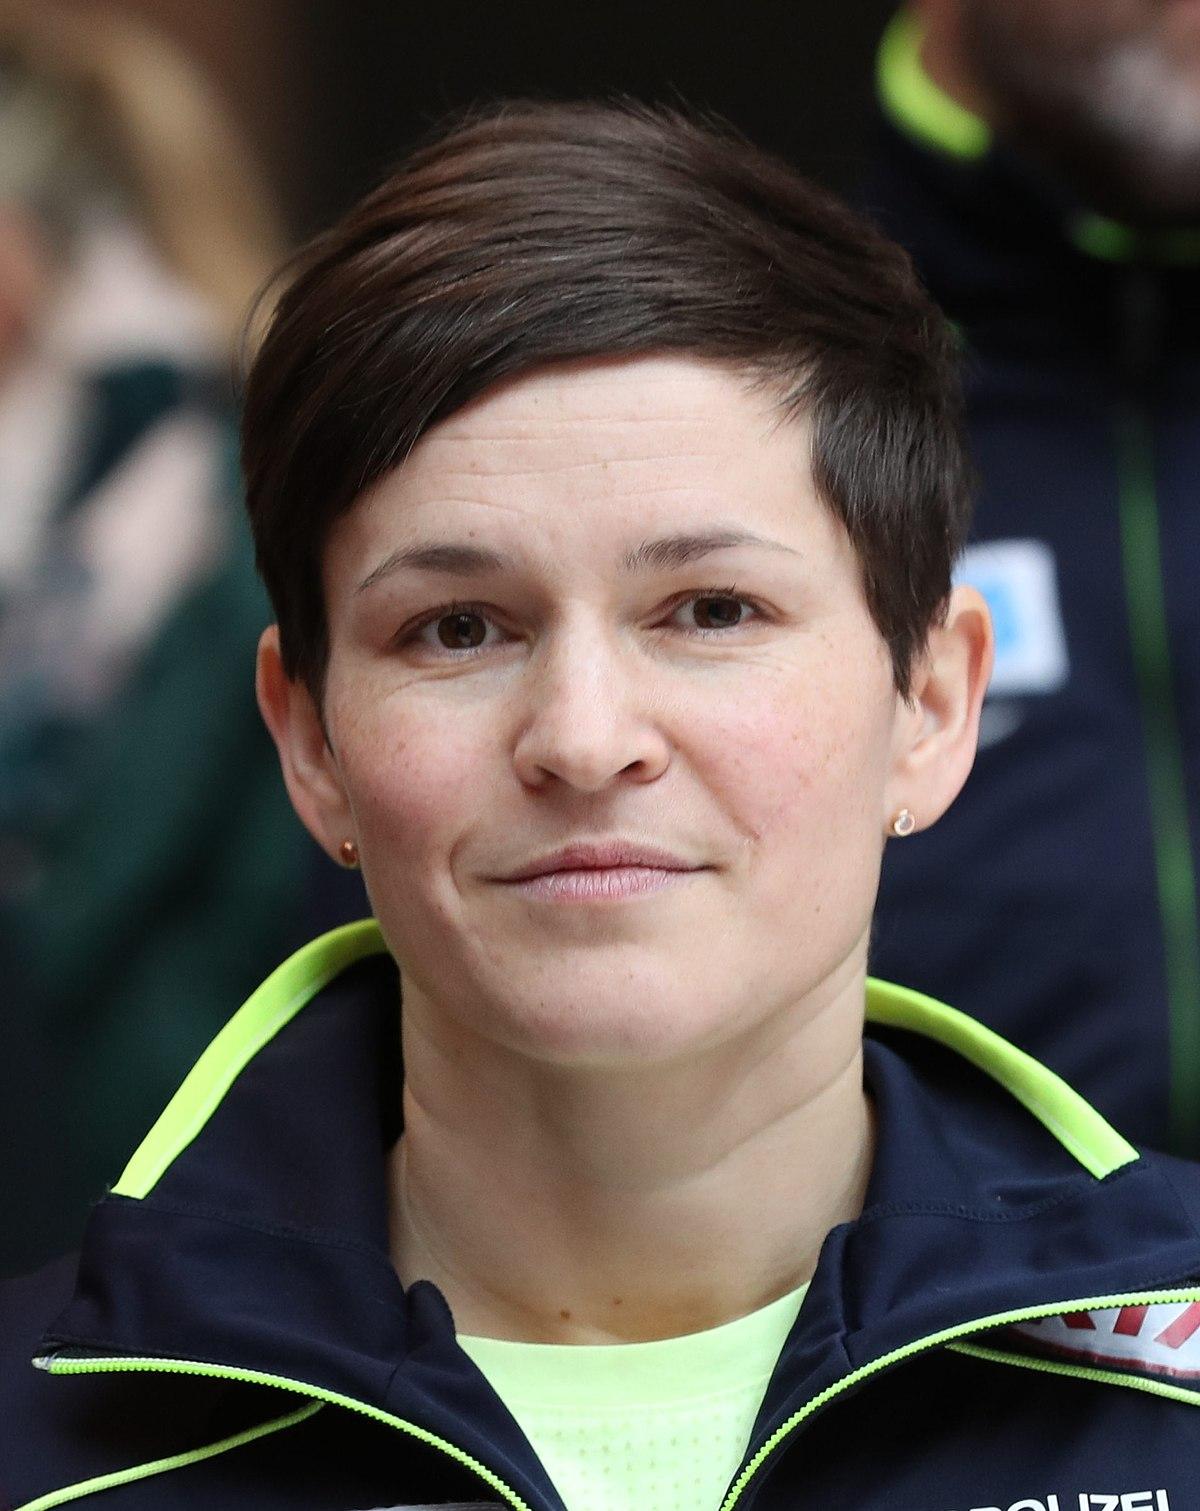 Judith Dannhauer